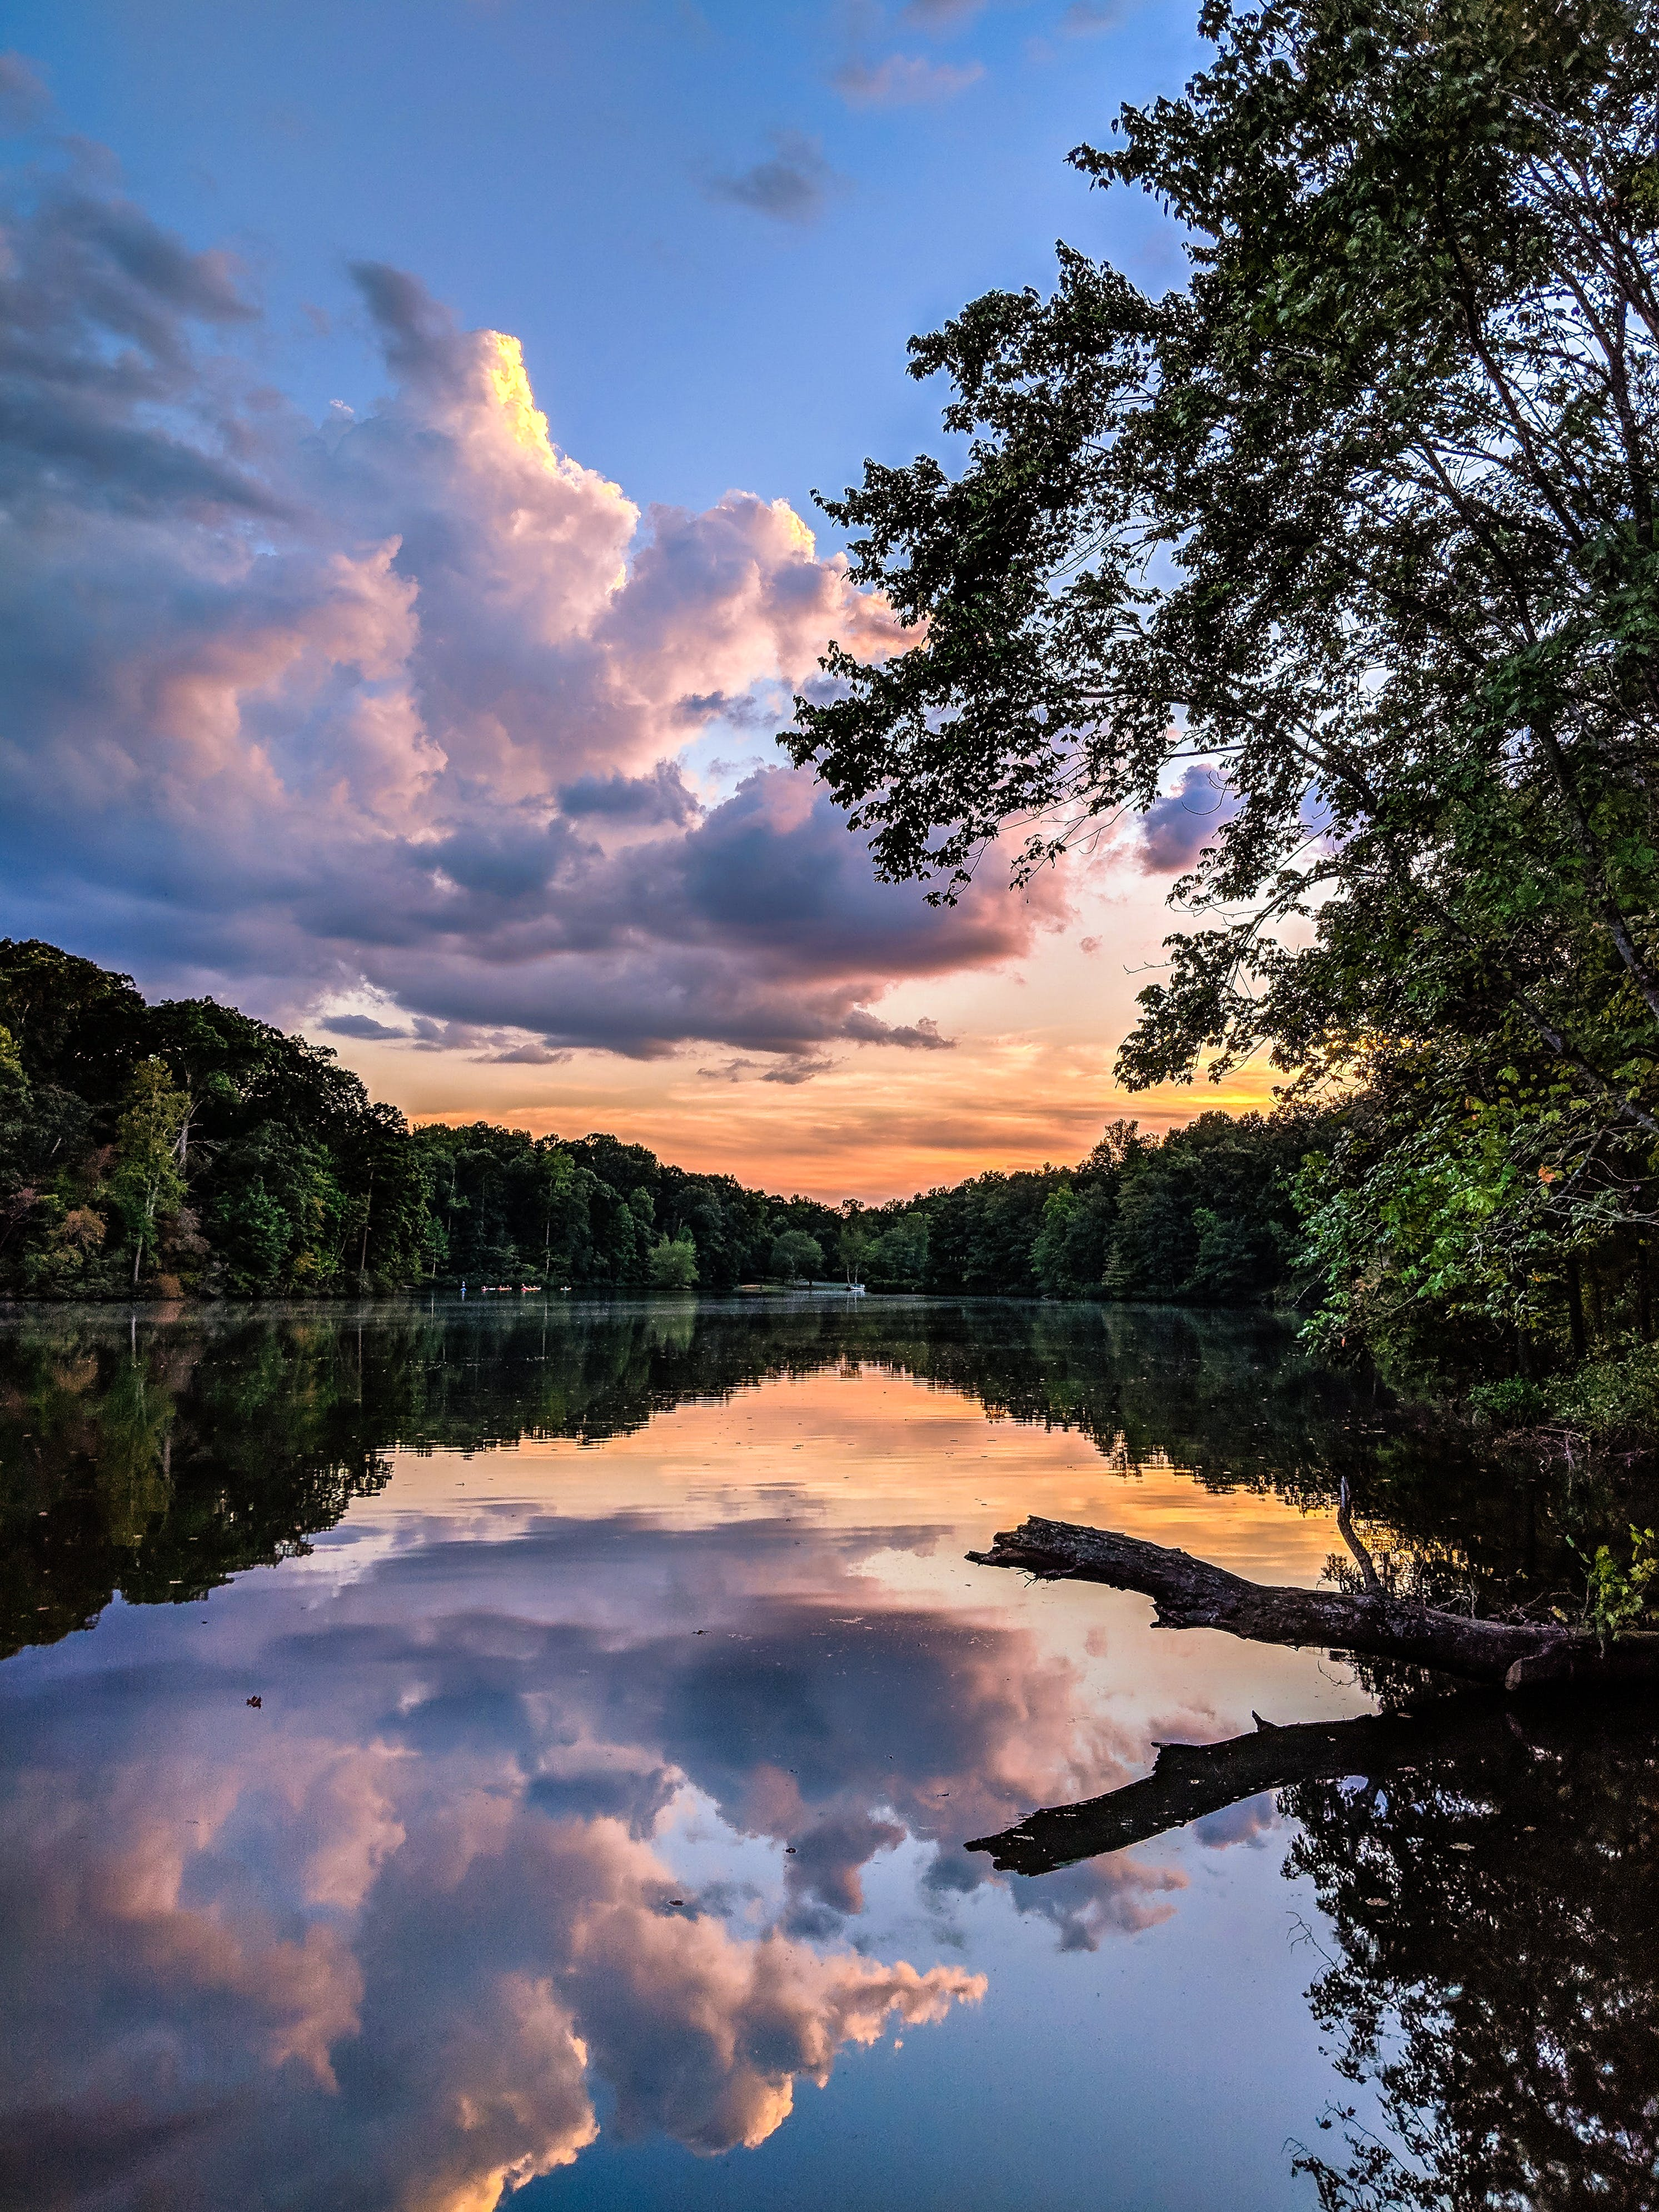 Δωρεάν στοκ φωτογραφιών με δύση του ηλίου, νερό, σύννεφα